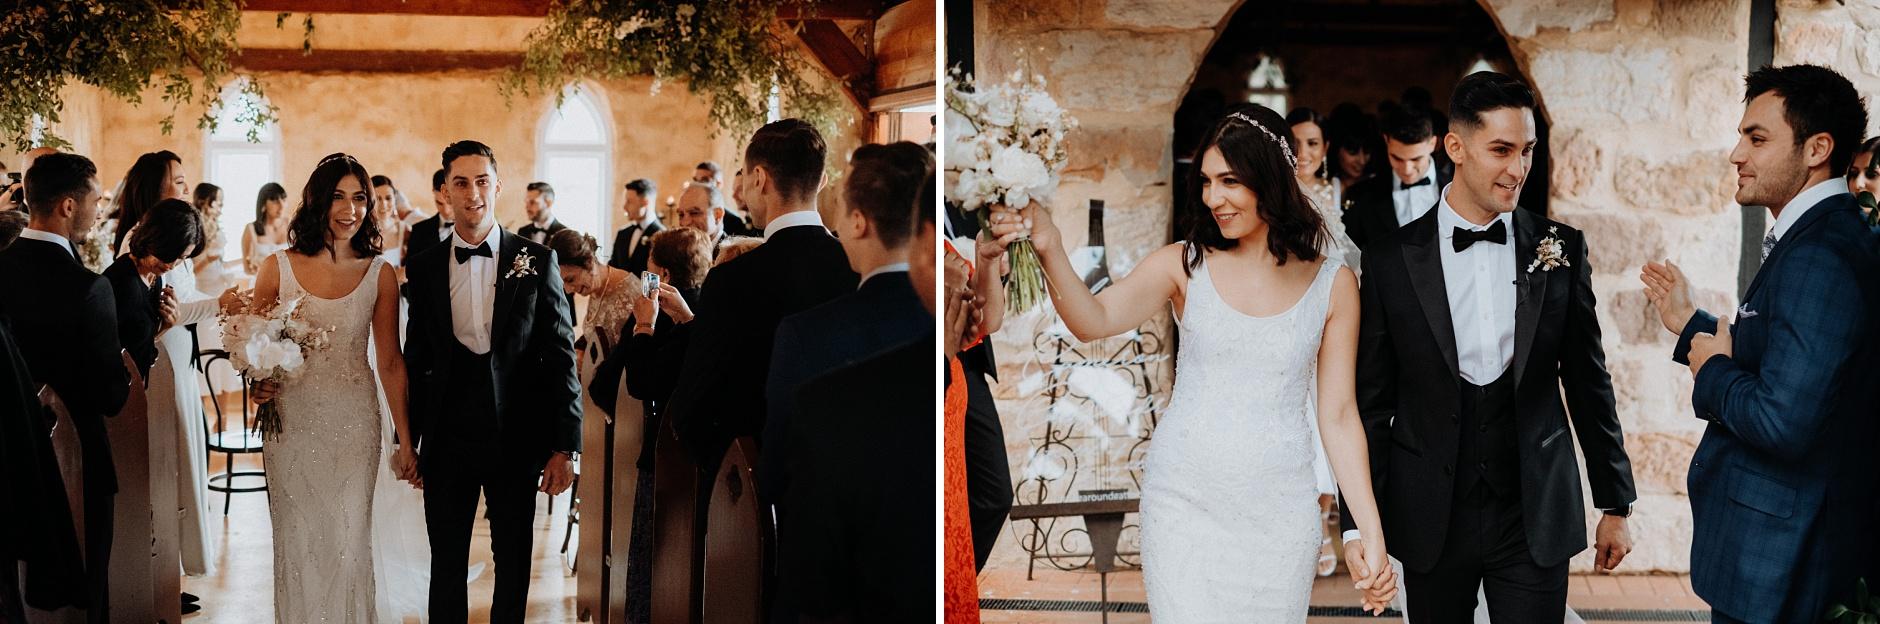 cassandra&cameron0495a_Peppers-Creek-Wedding.jpg